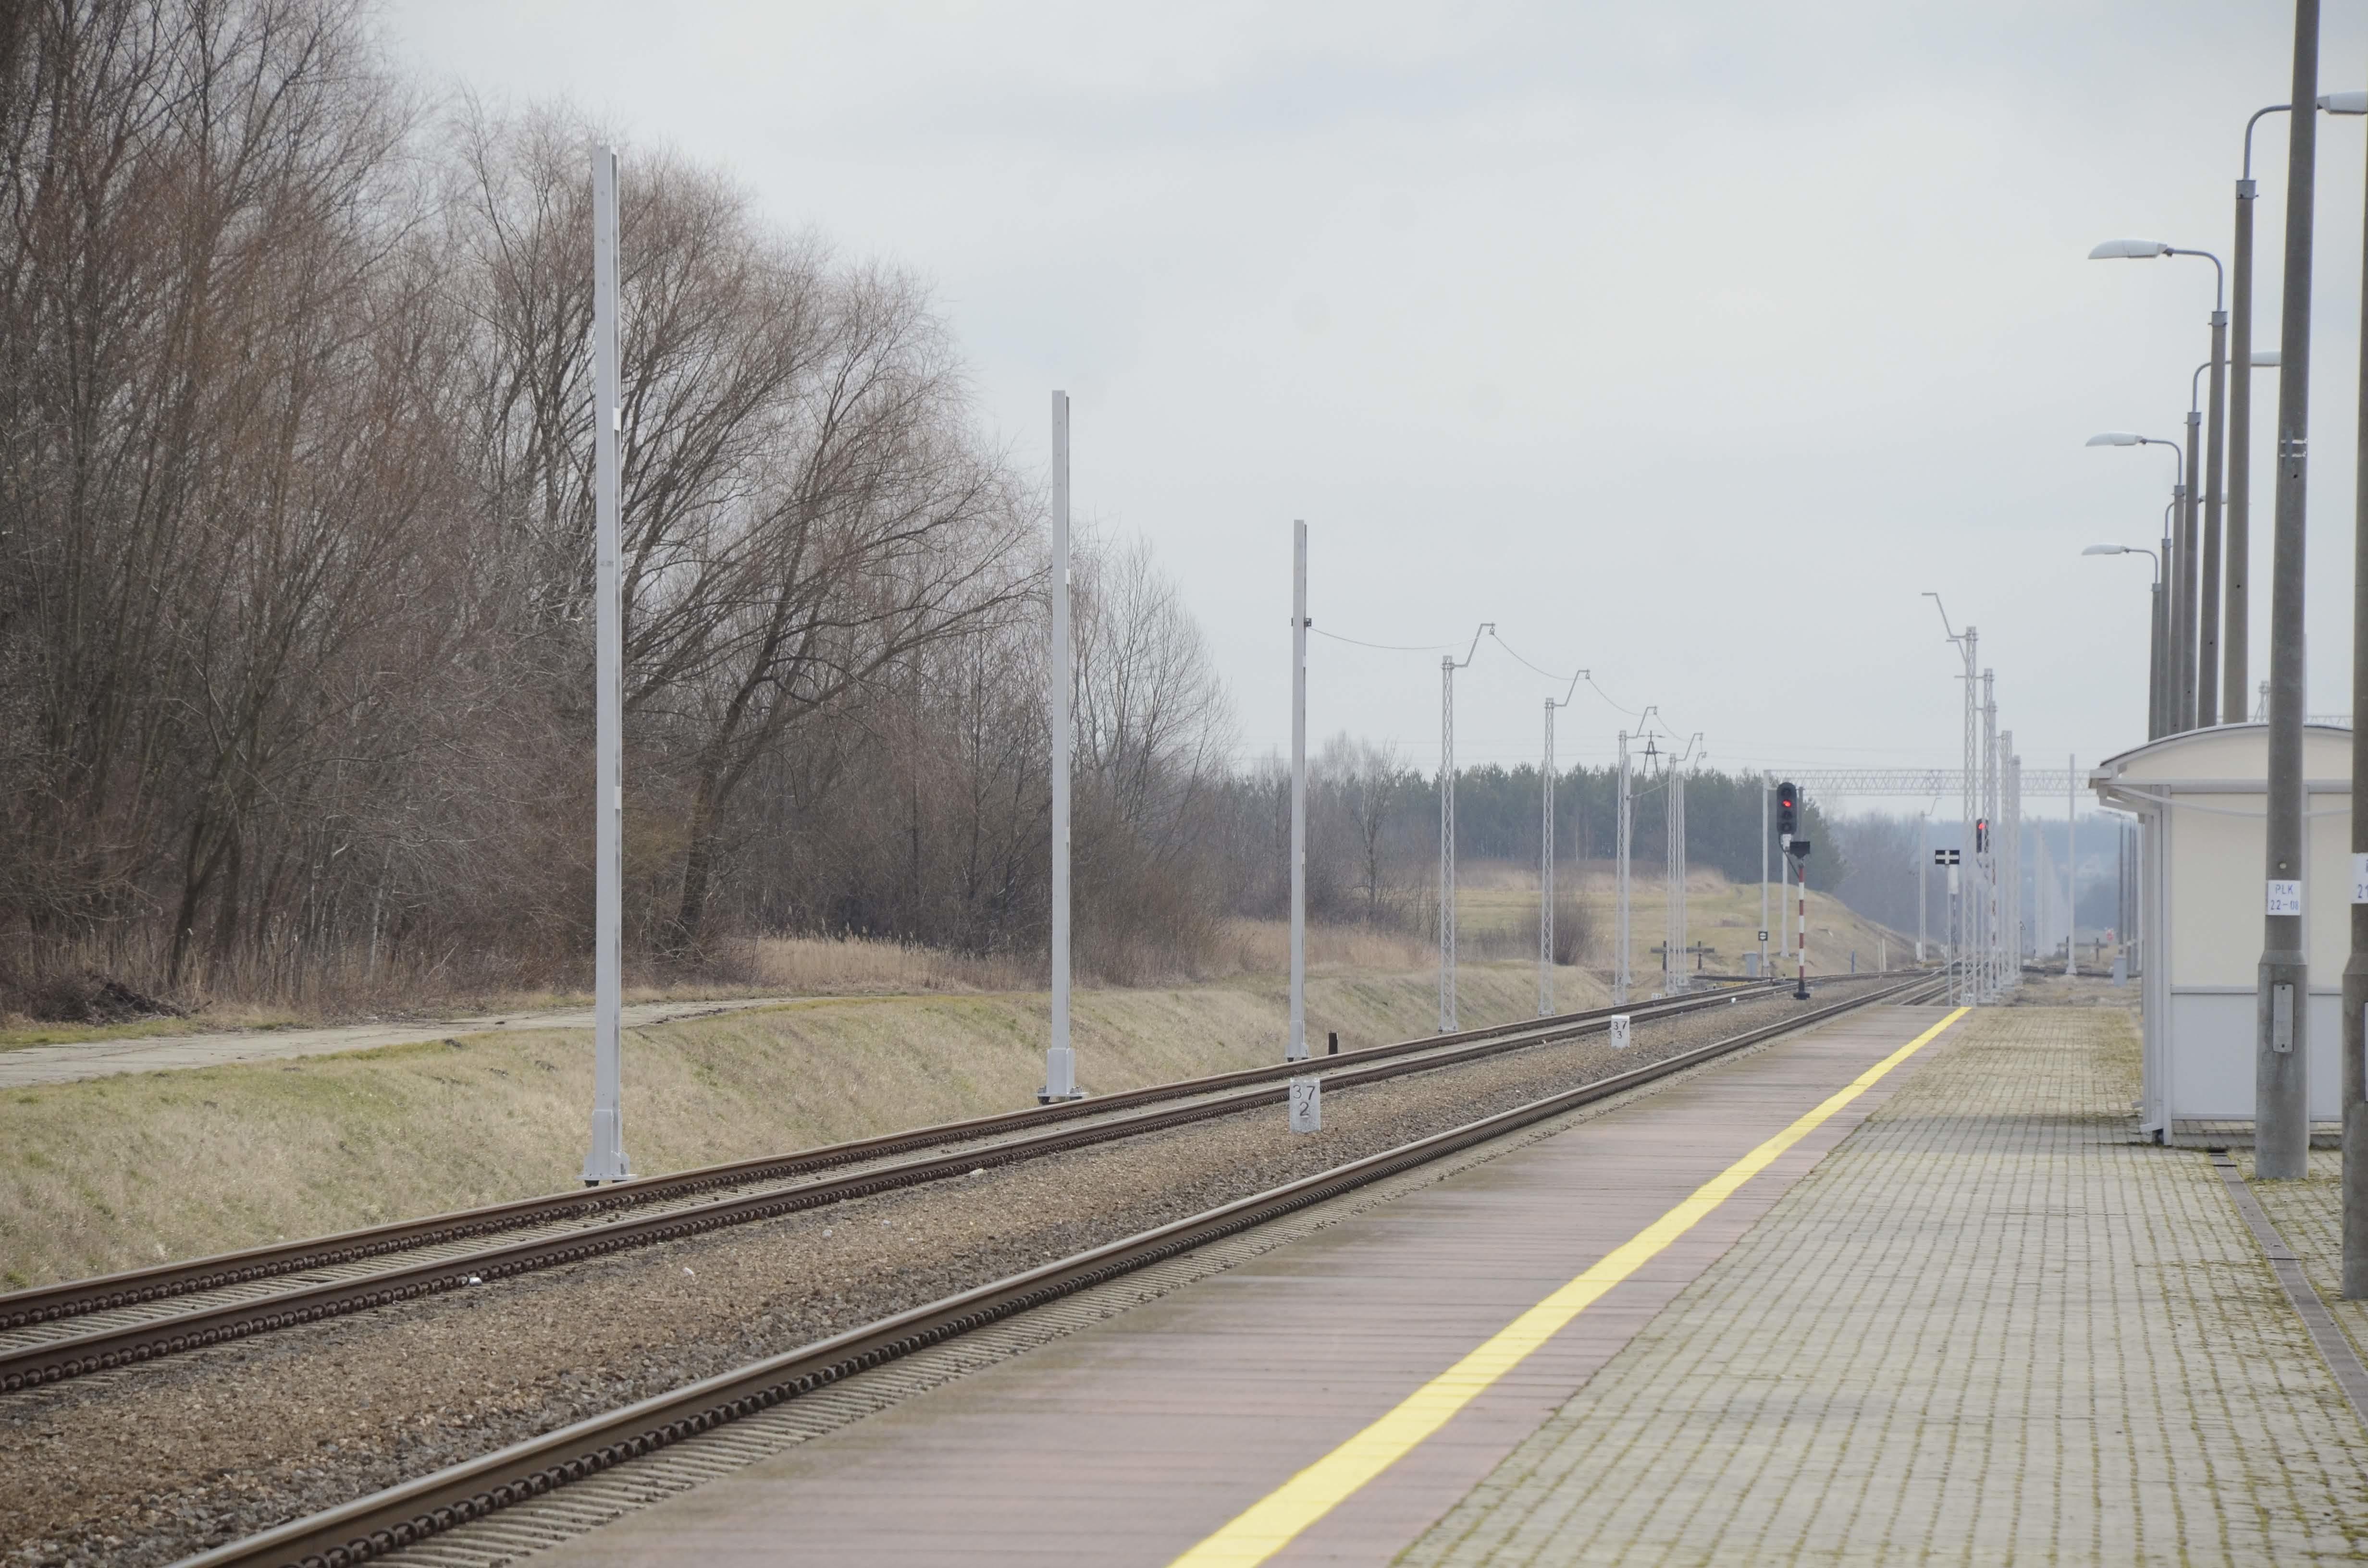 KOLBUSZOWA. Trwa elektryfikacja linii kolejowej [FOTO] - Zdjęcie główne